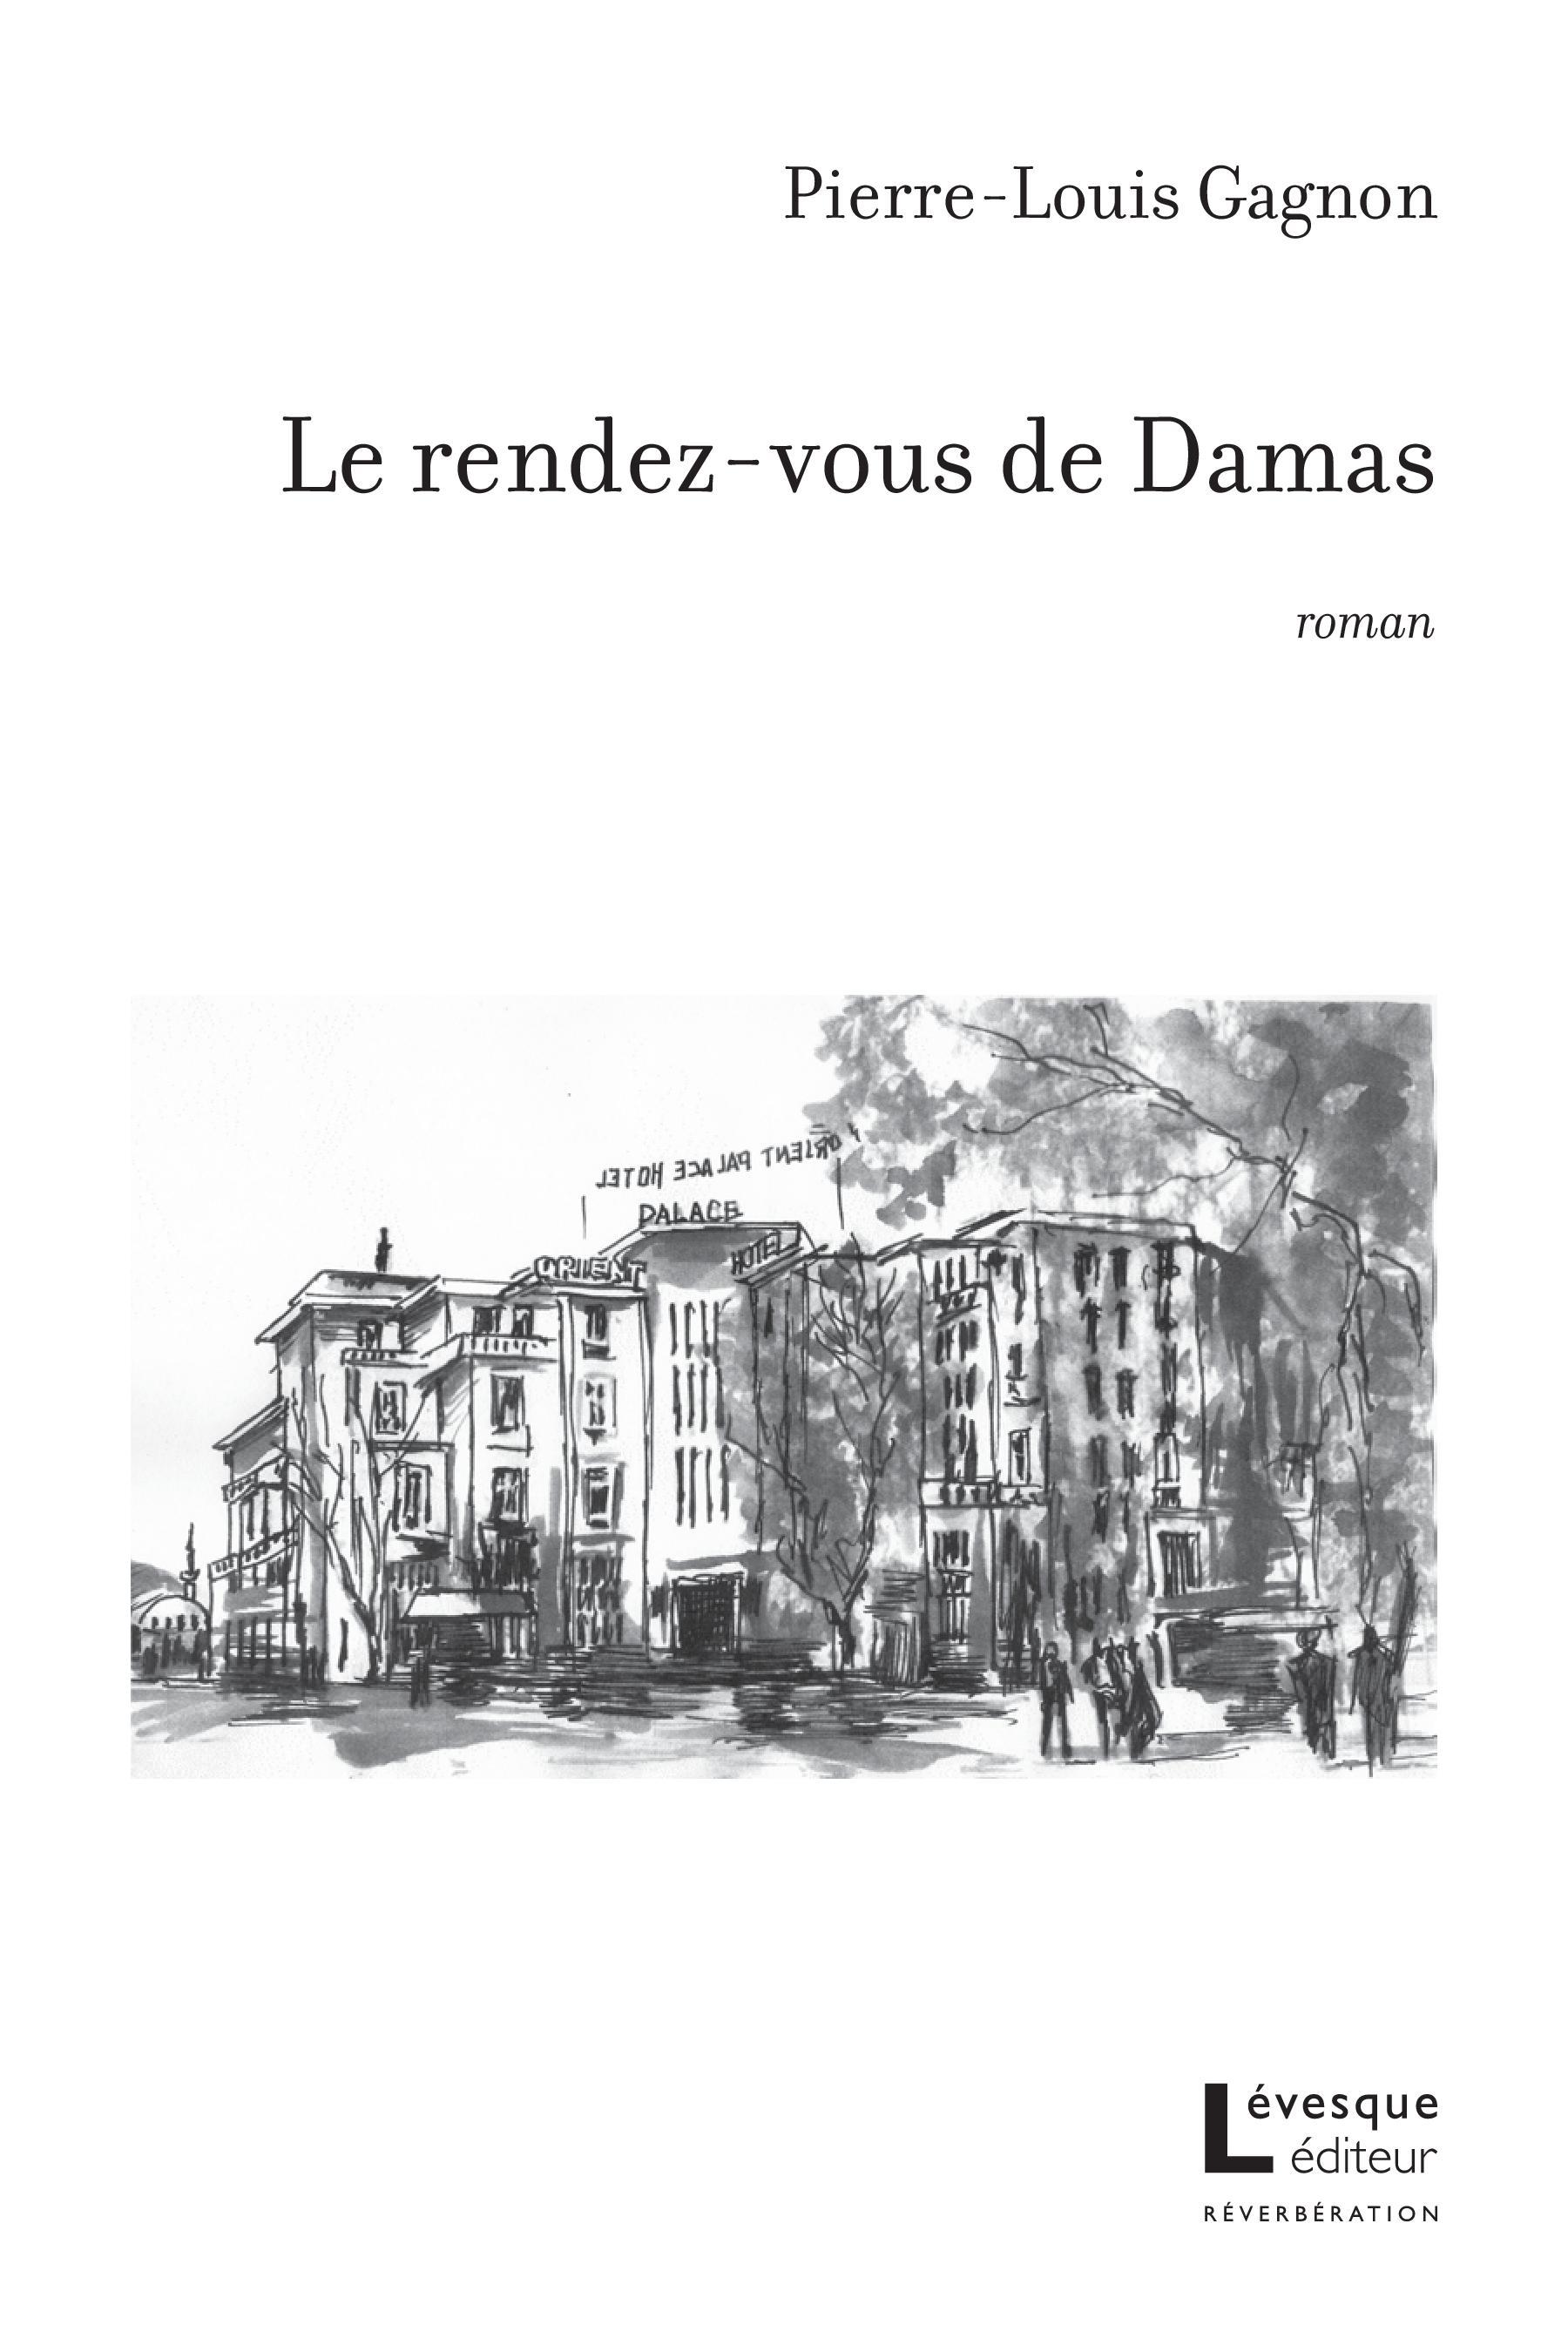 Le rendez-vous de Damas